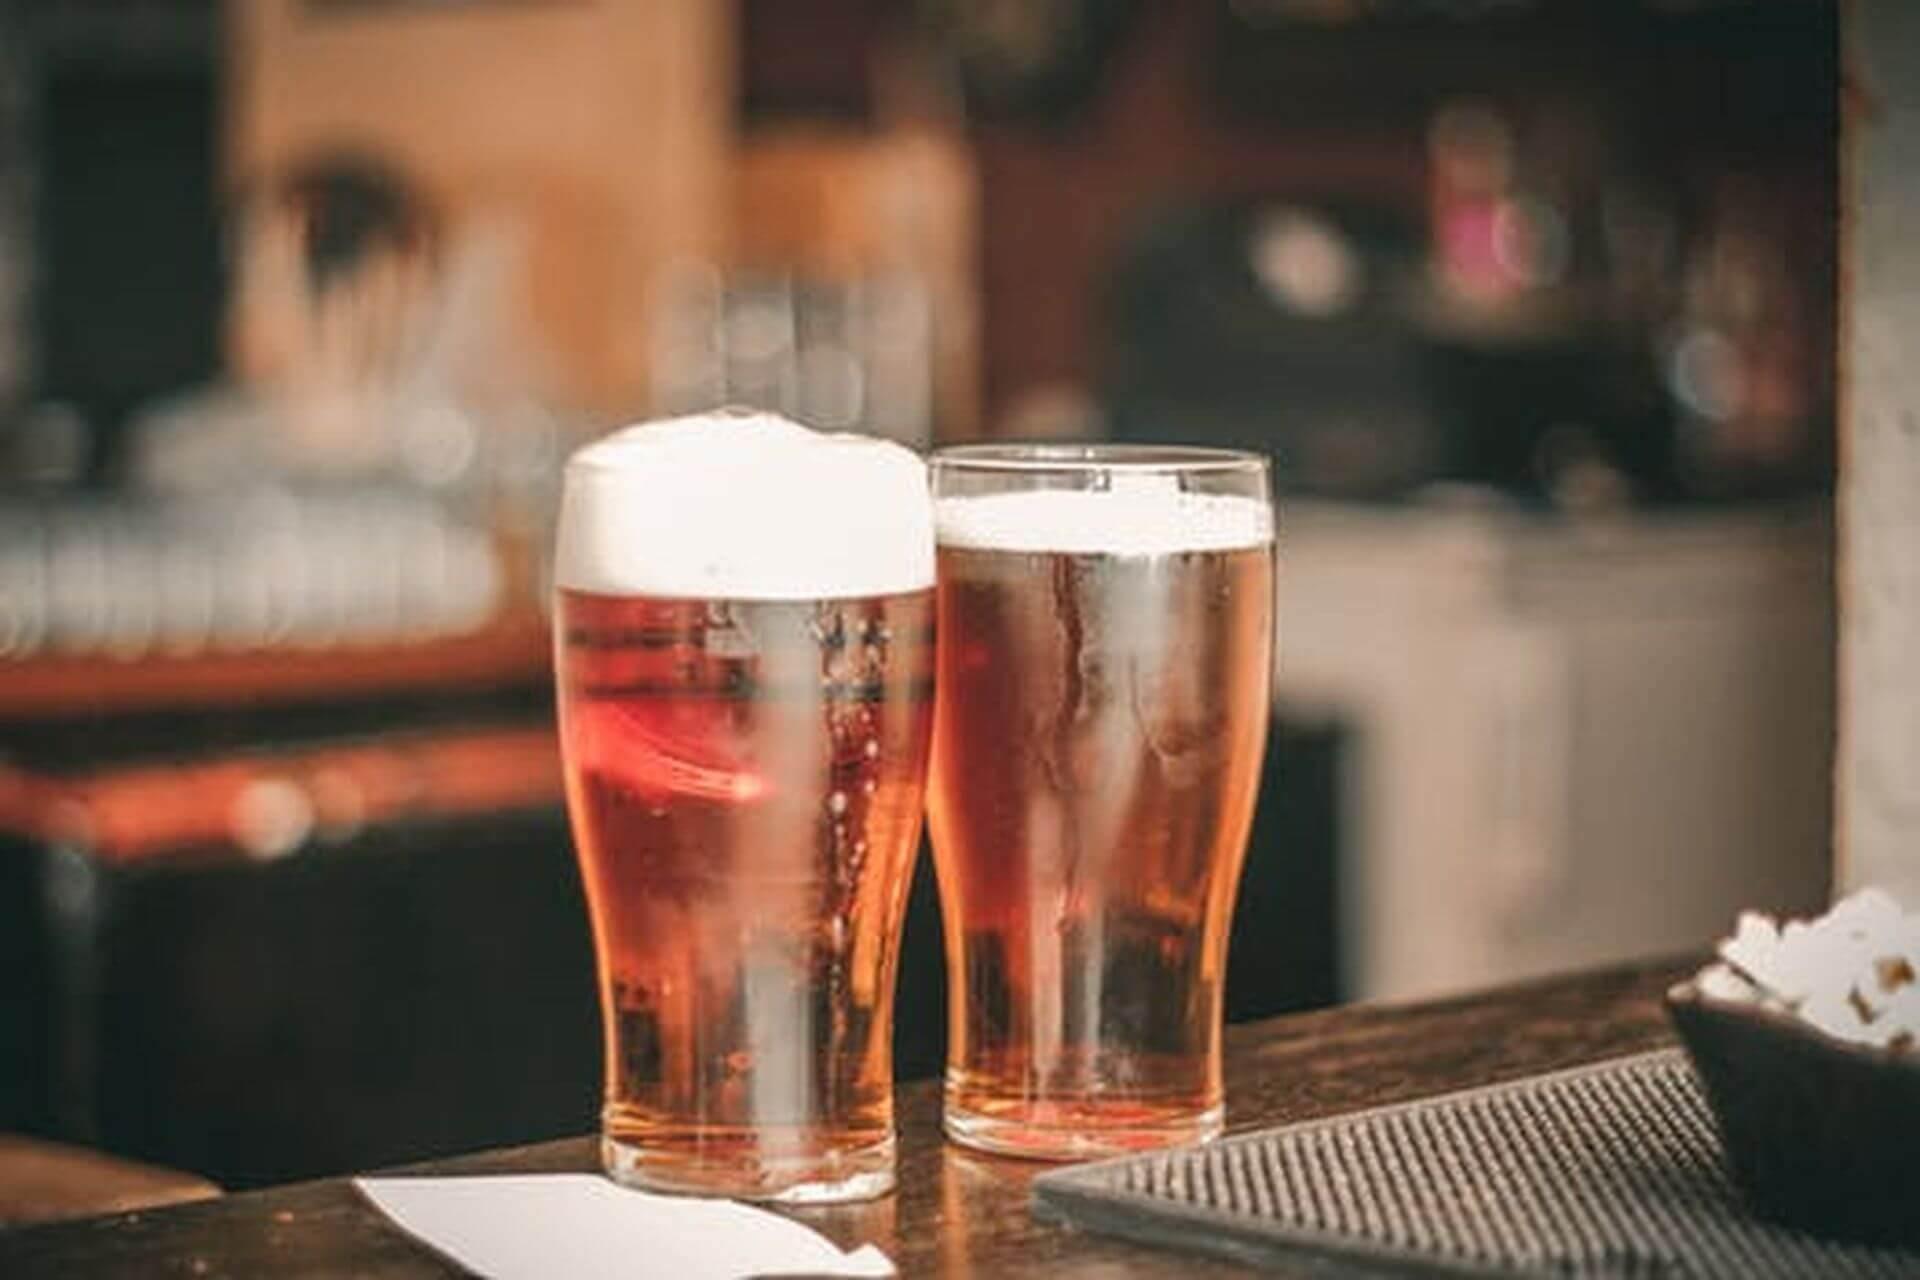 beer-05-1920-1280